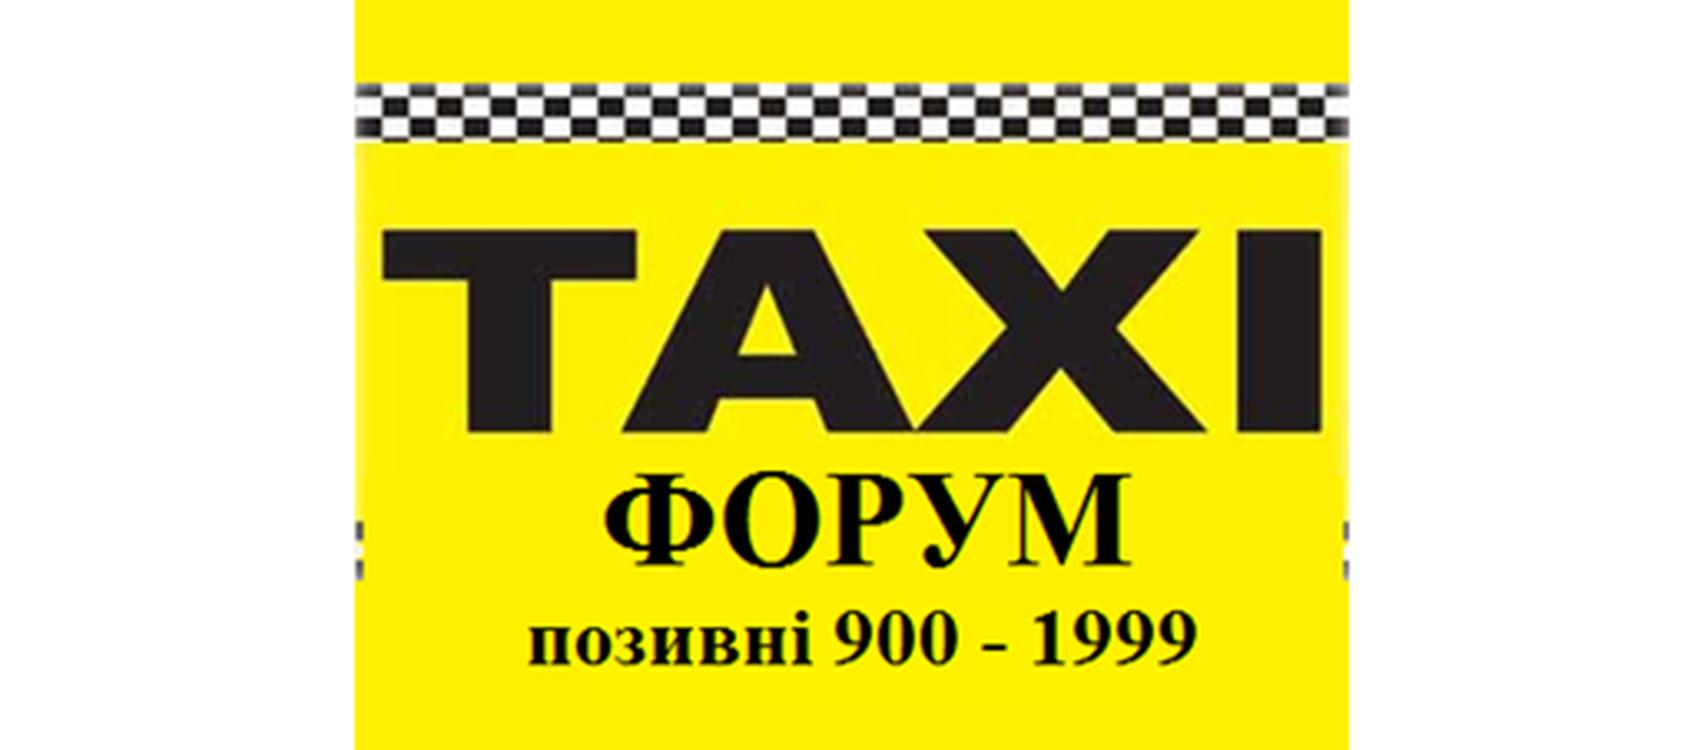 Таксі Форум  (Київ) позивні 900-1999